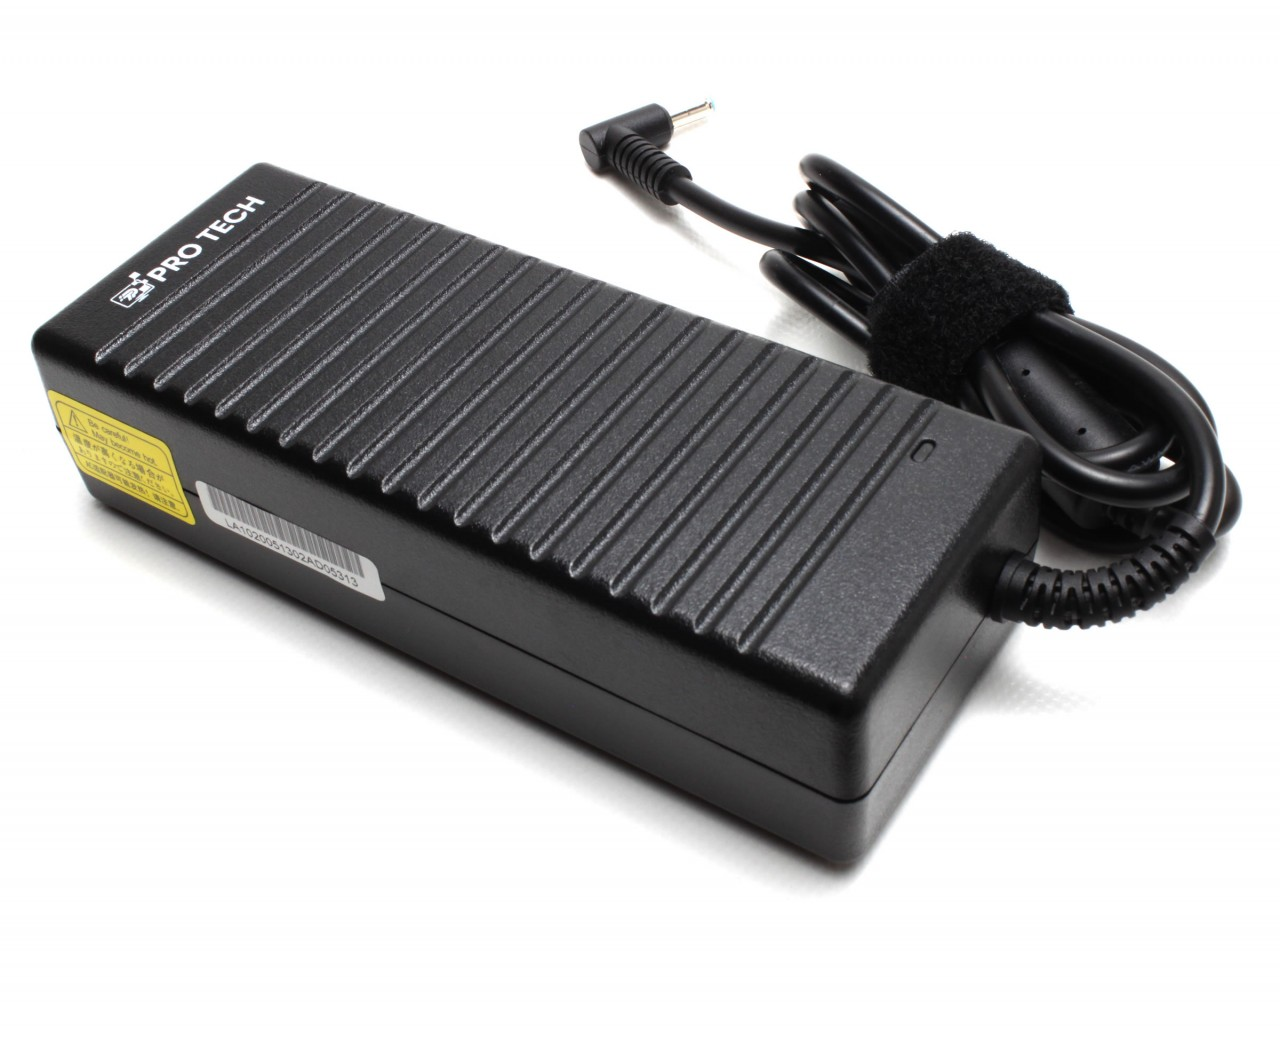 Incarcator HP 310 G2 120W Replacement imagine powerlaptop.ro 2021